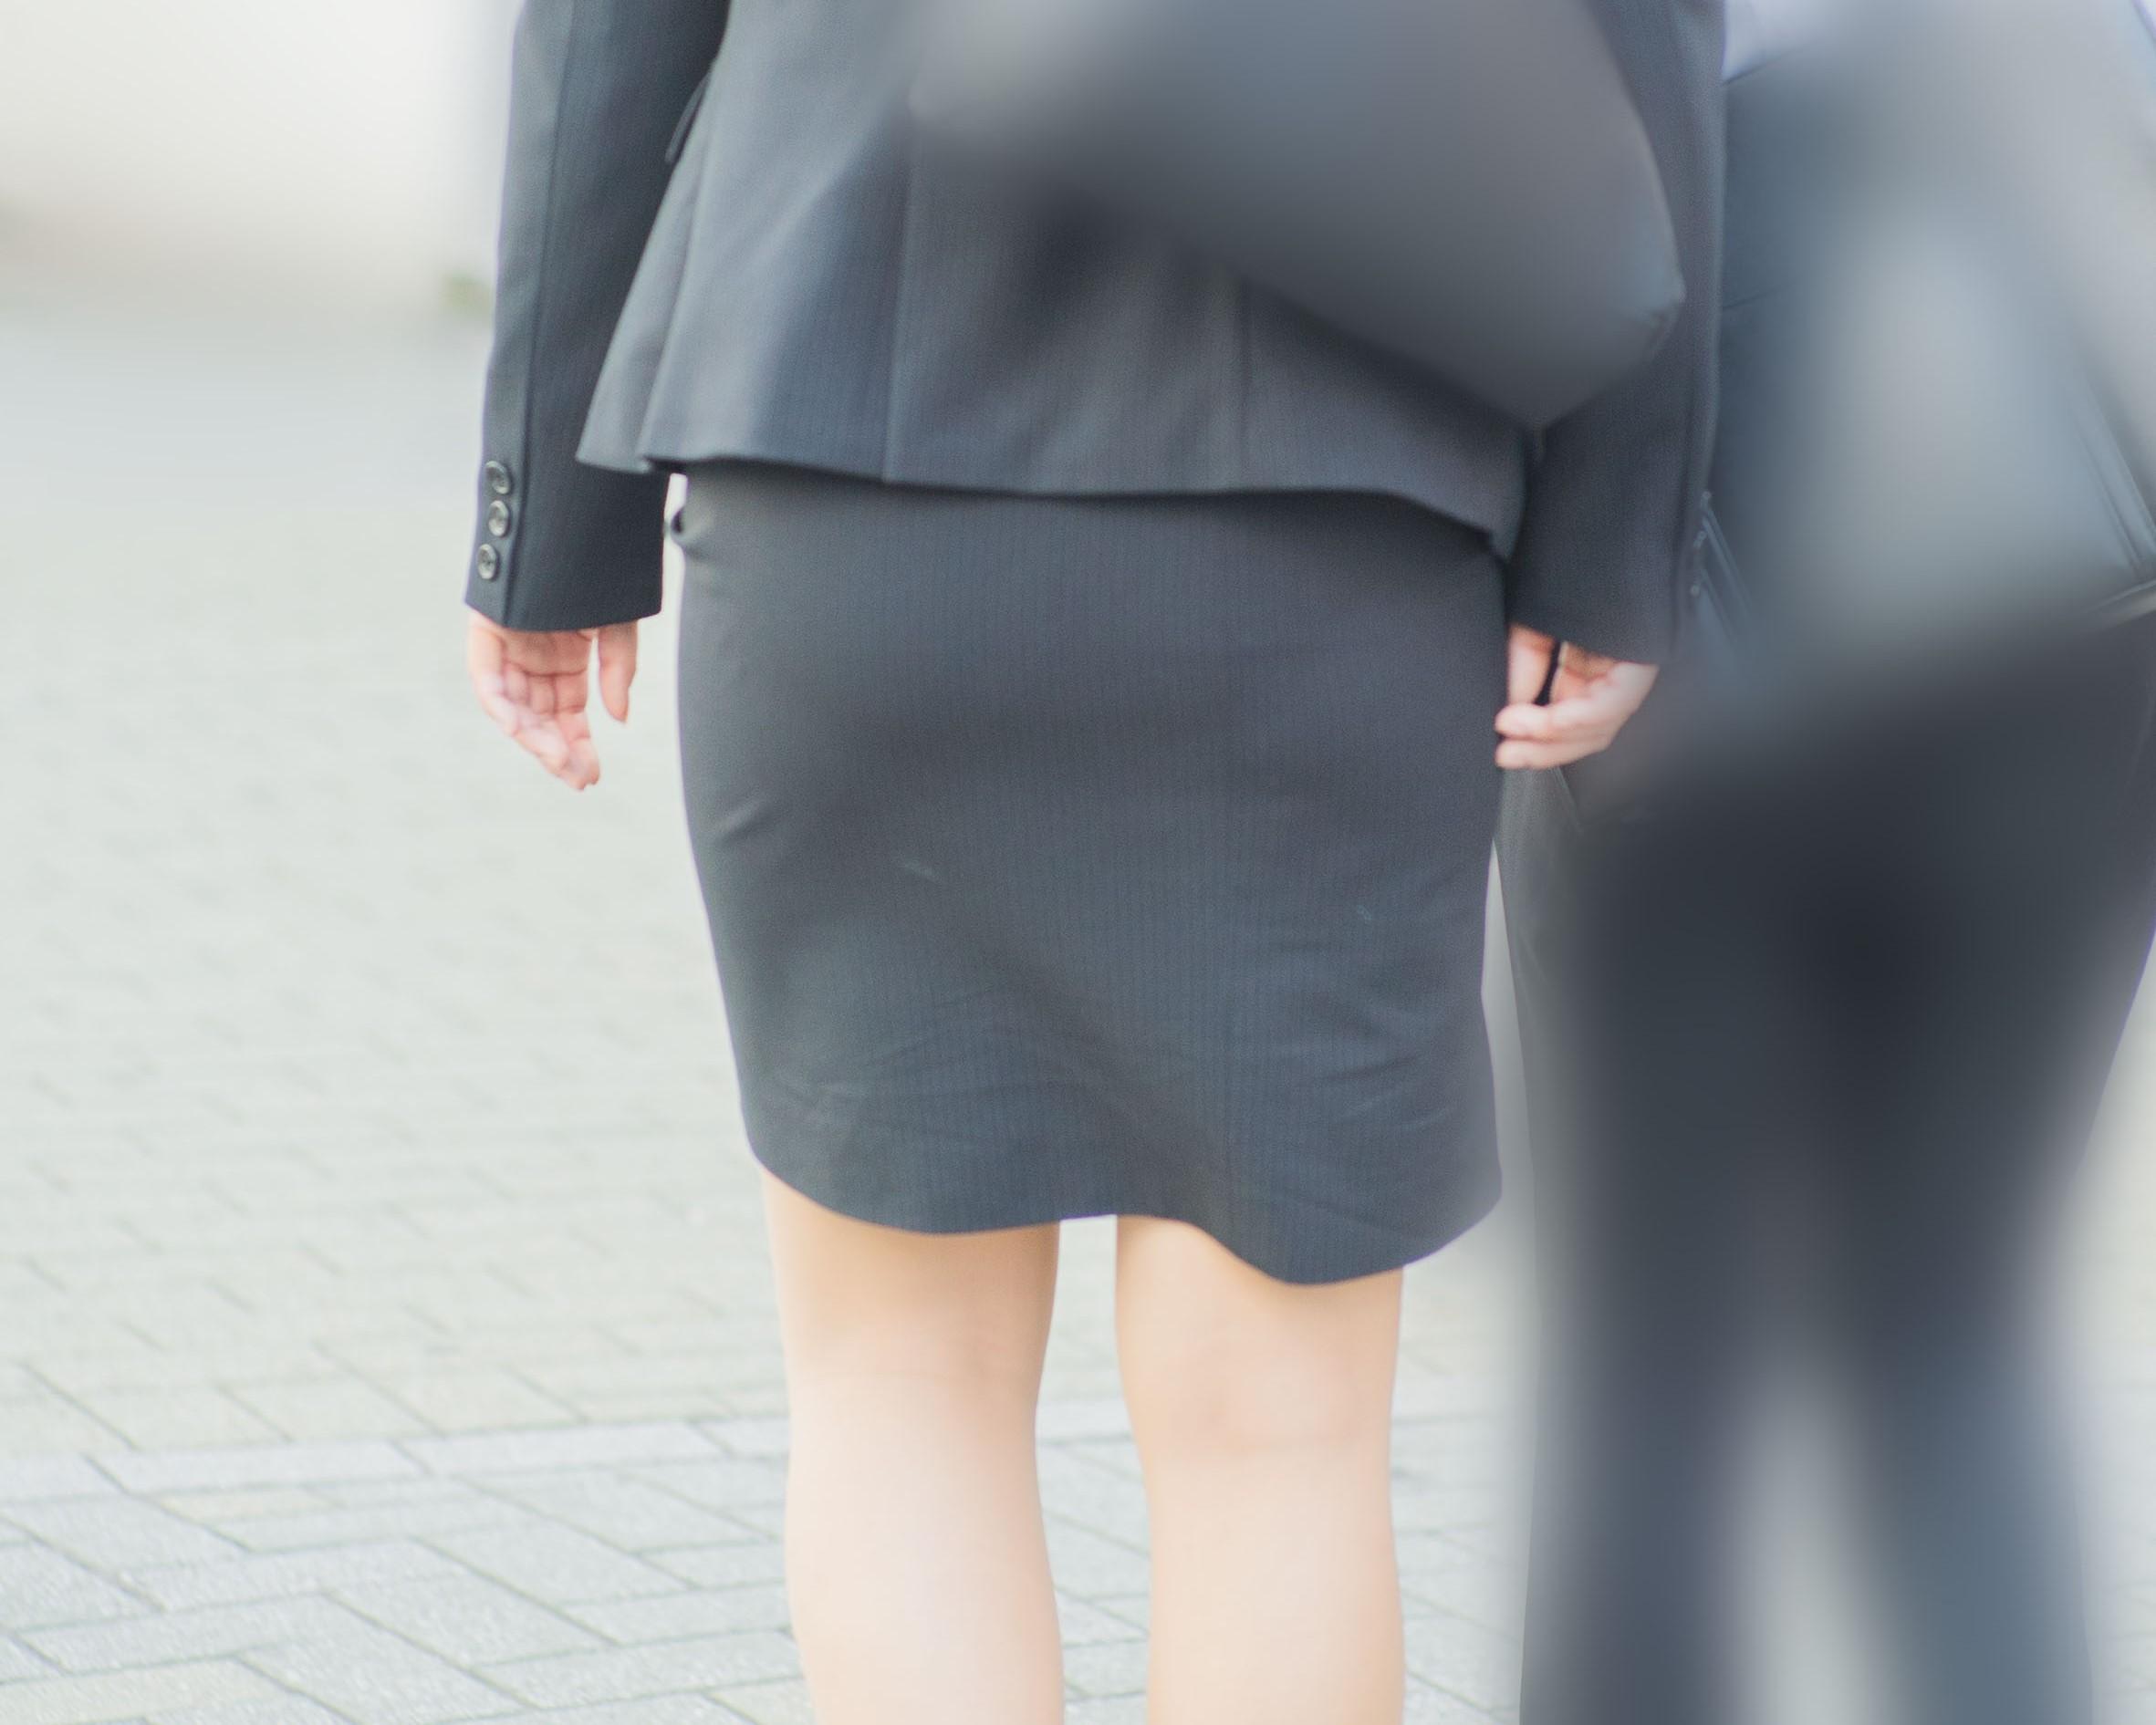 超絶エロい!美脚美尻のリクスーさん、タイスカのパンティーラインが丸見えです!